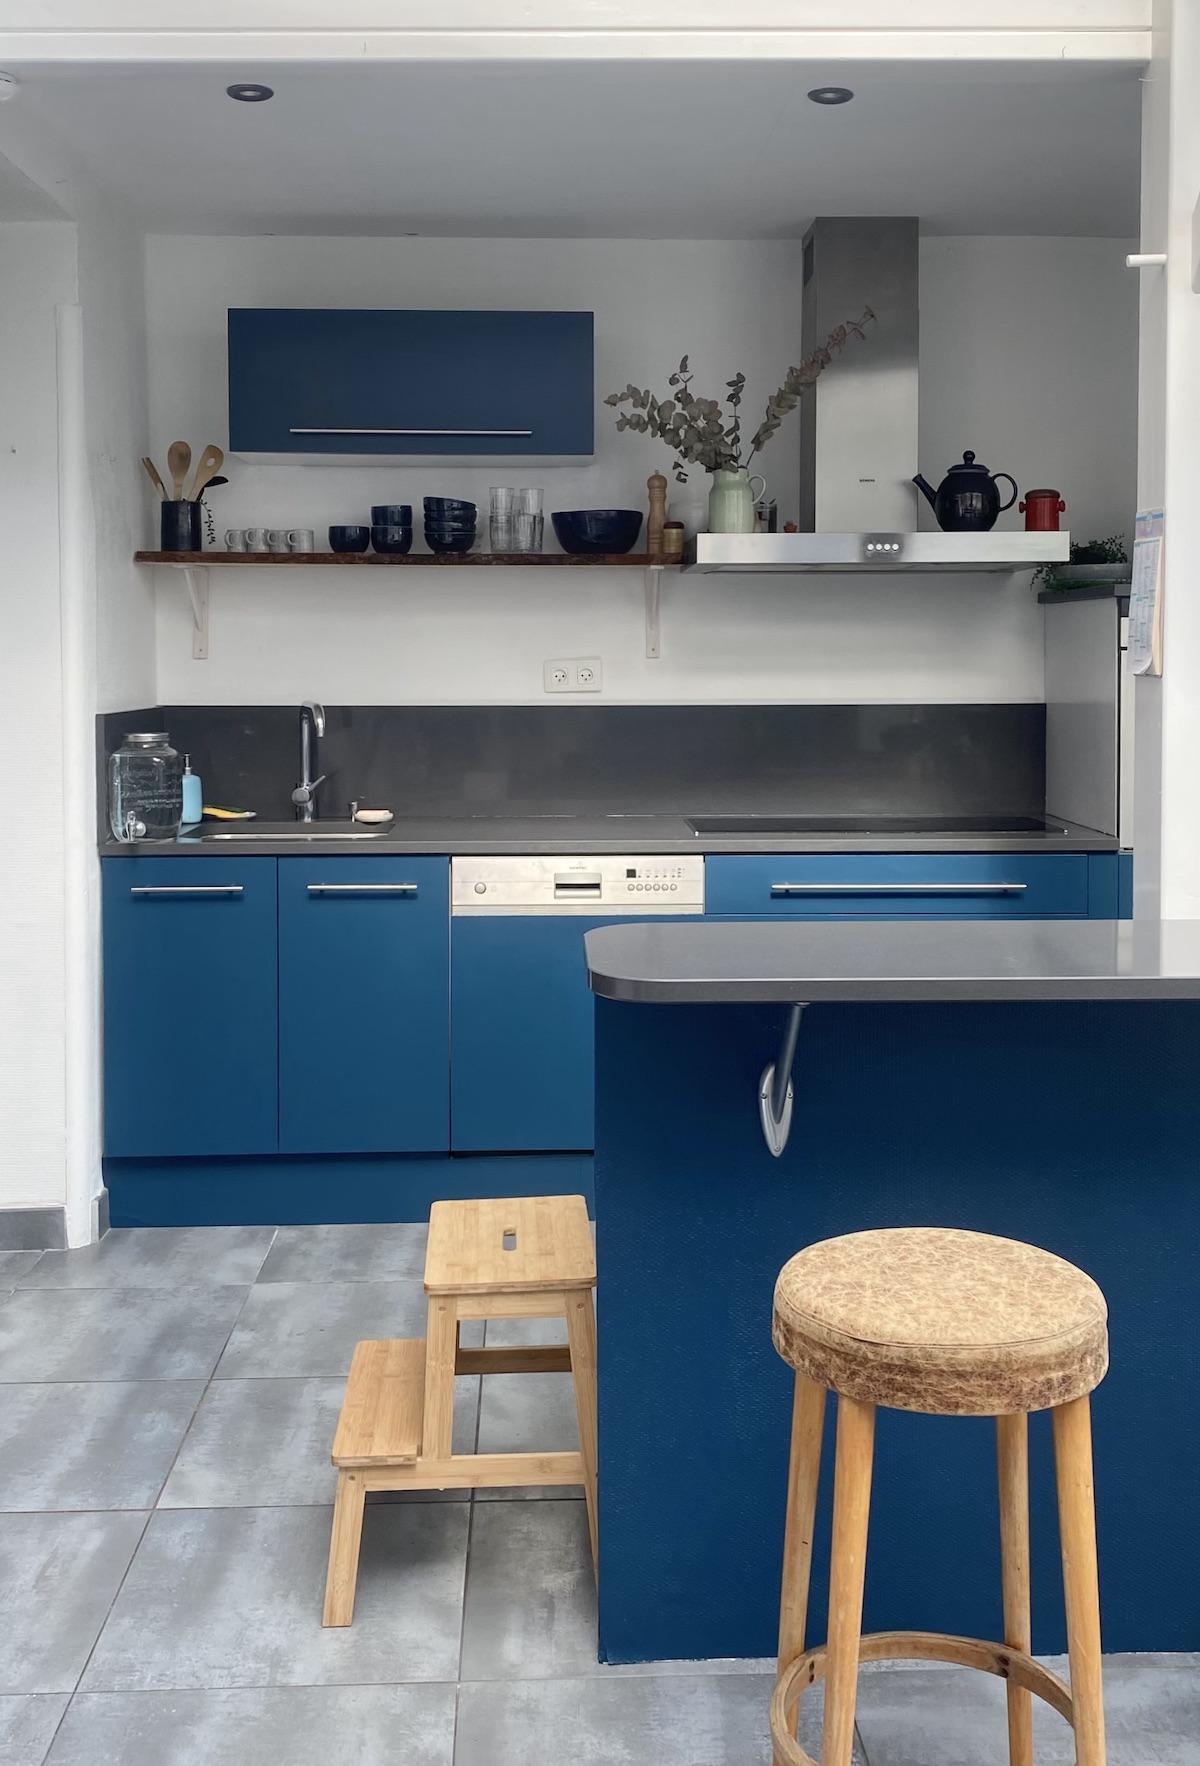 Rénover soi-même une cuisine façade bleu mat canard klein déco